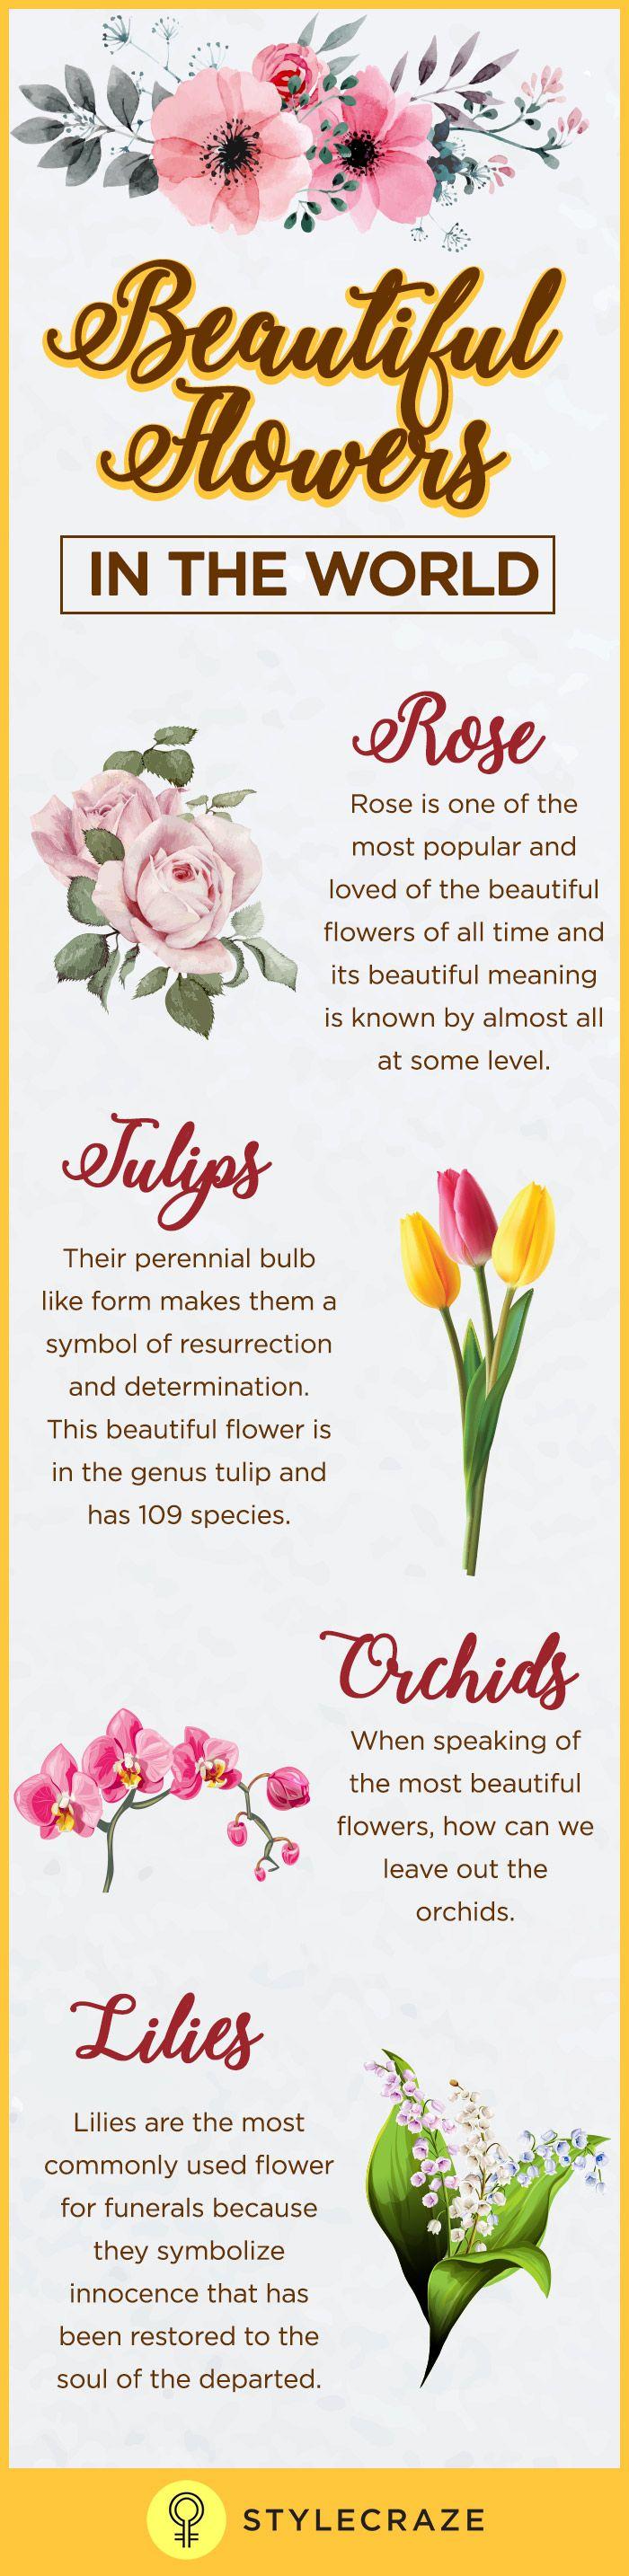 50 Beautiful Flowers Gallery Flower Wallpaper Hd